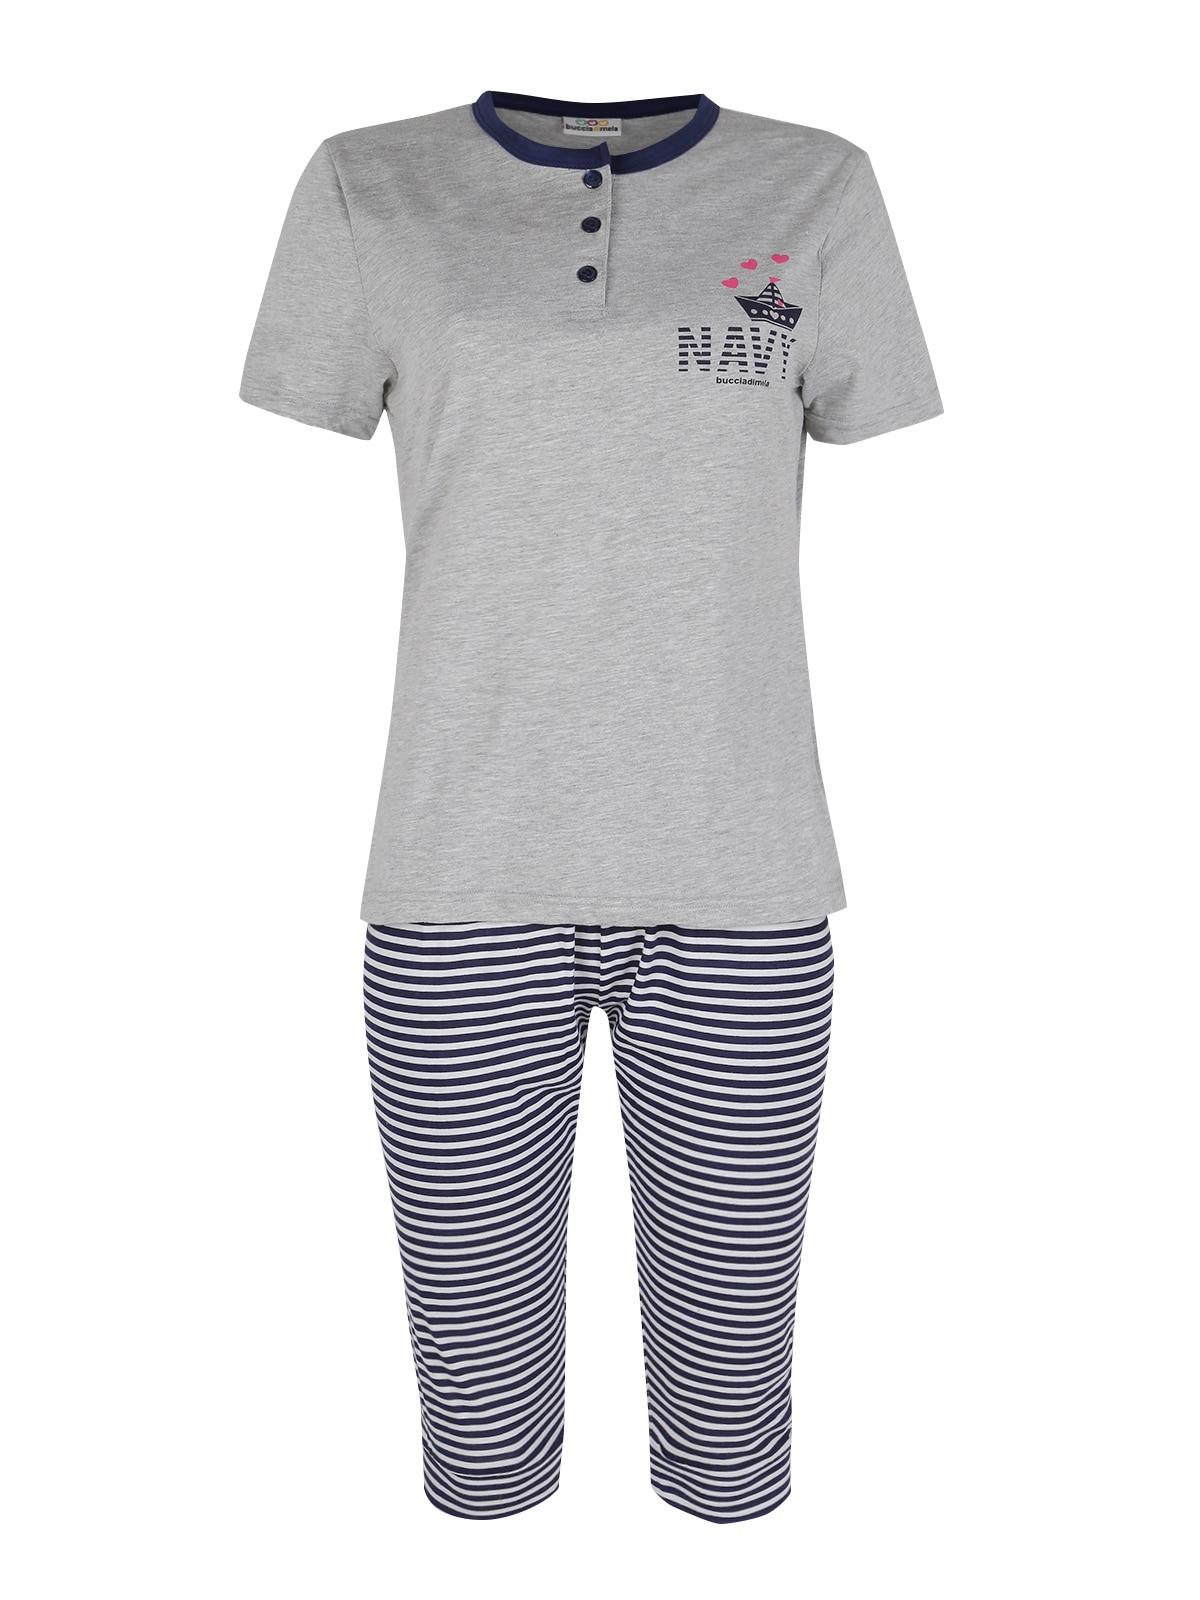 Pajama Spring Cotton